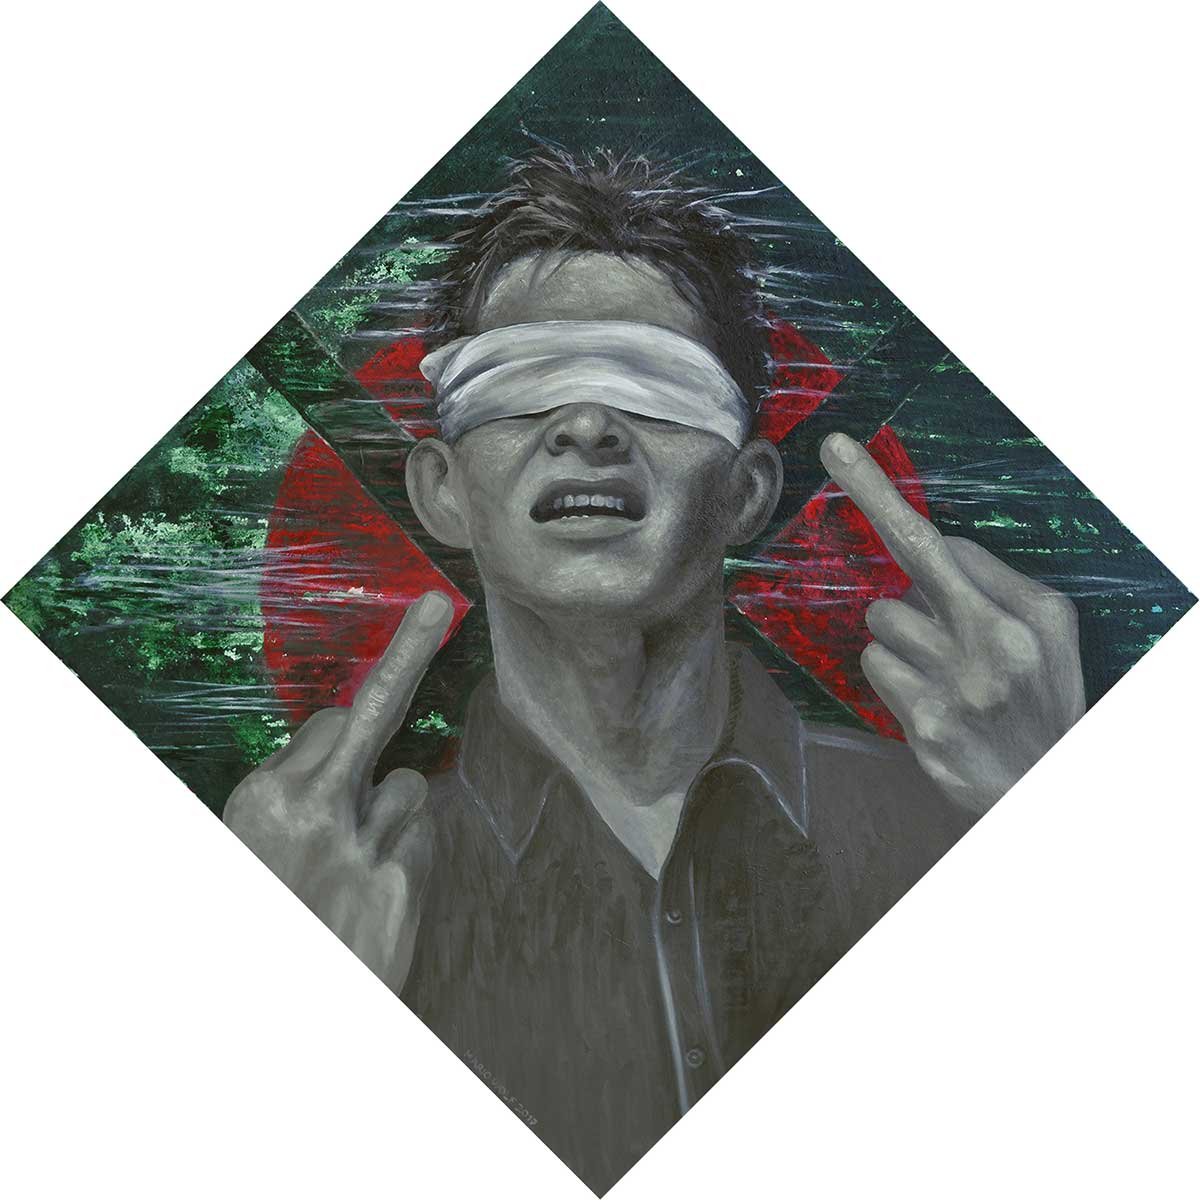 Wut frisst Hirn - gesellschaftslritische Kunst